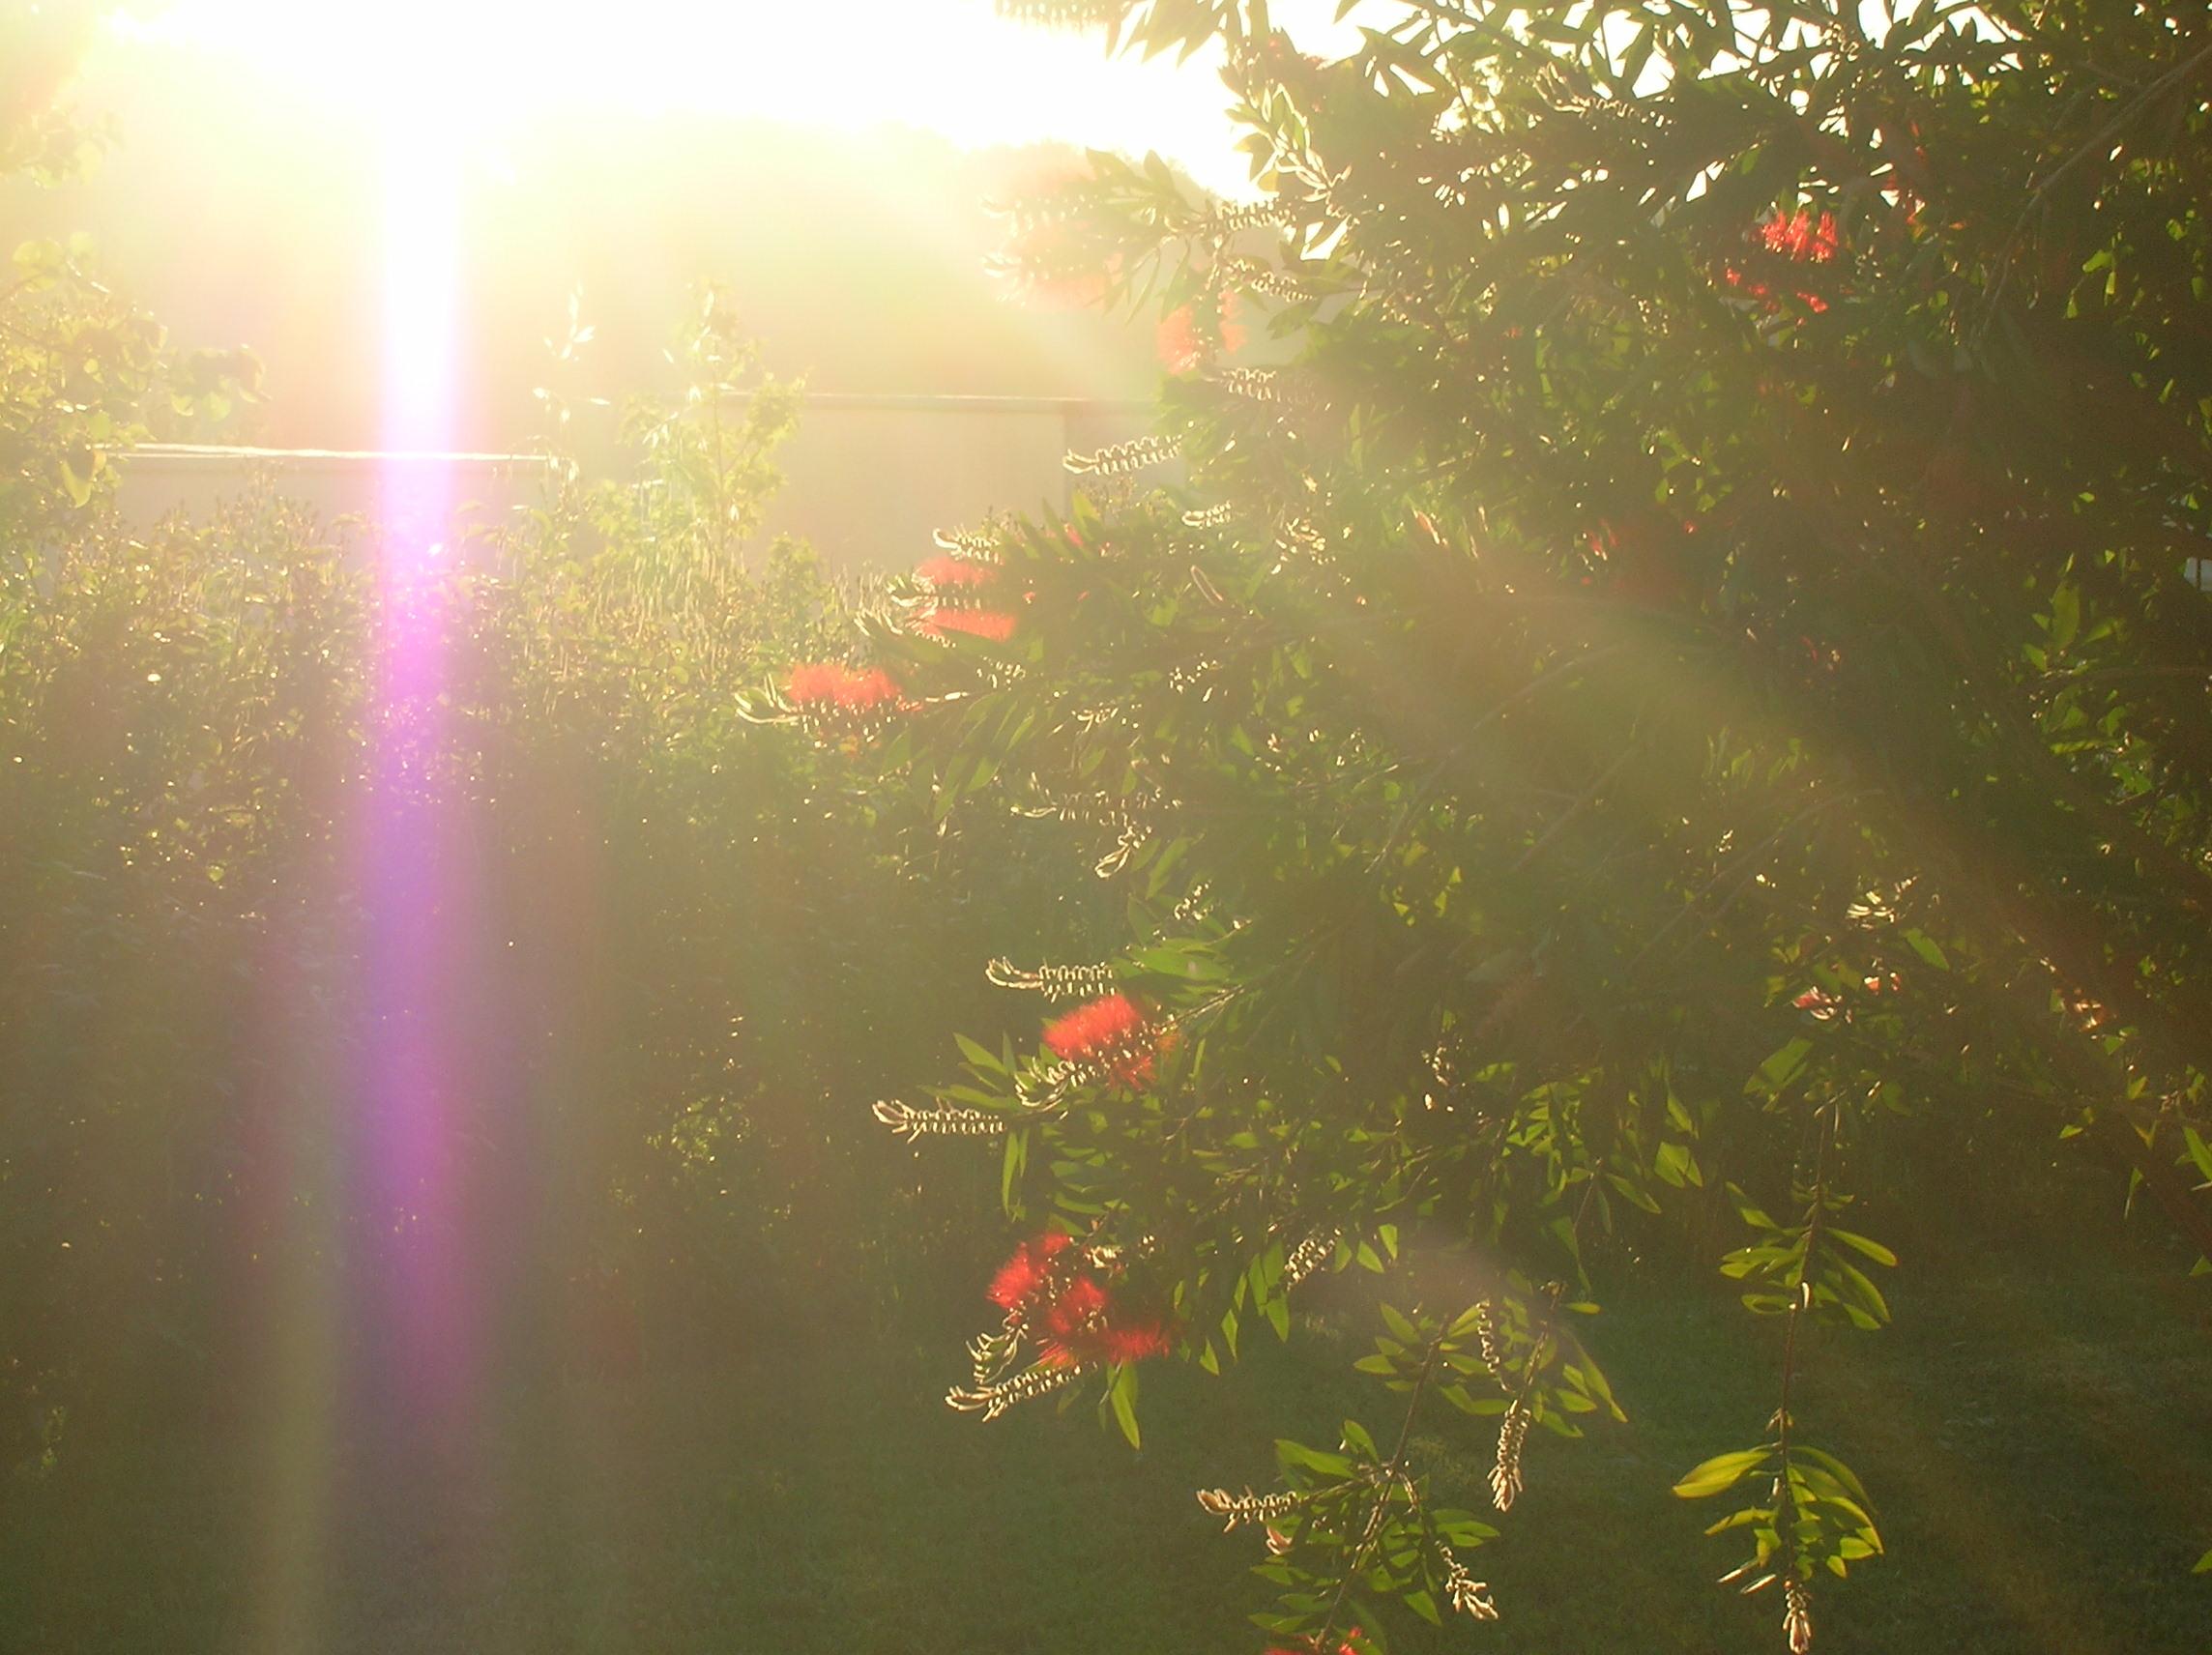 קרן אור של בוקר מעירה את החיים